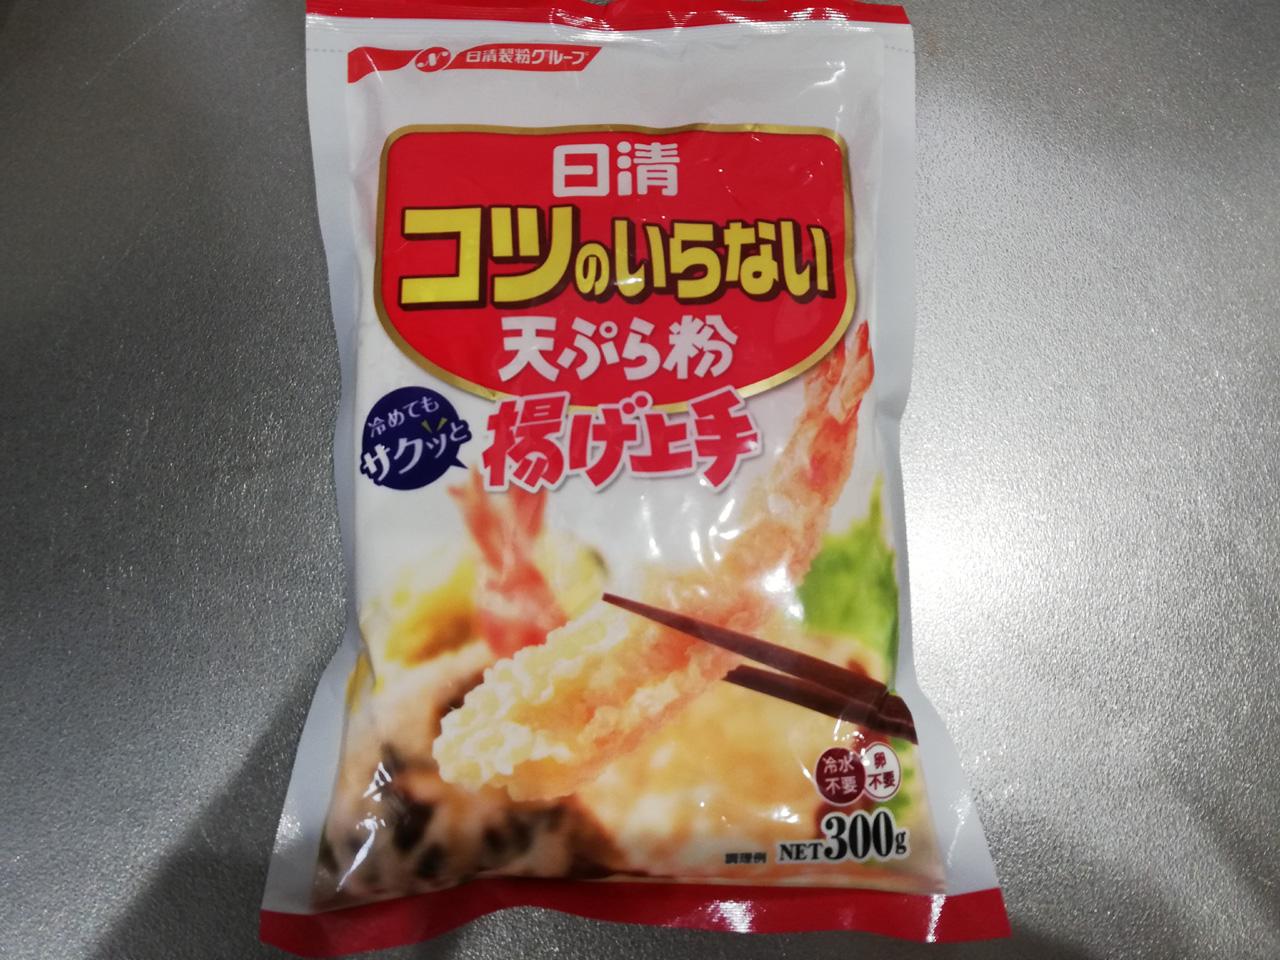 ない とき 粉 が 天ぷら 天ぷら粉は小麦粉、薄力粉、片栗粉で代用できる?何が違う?